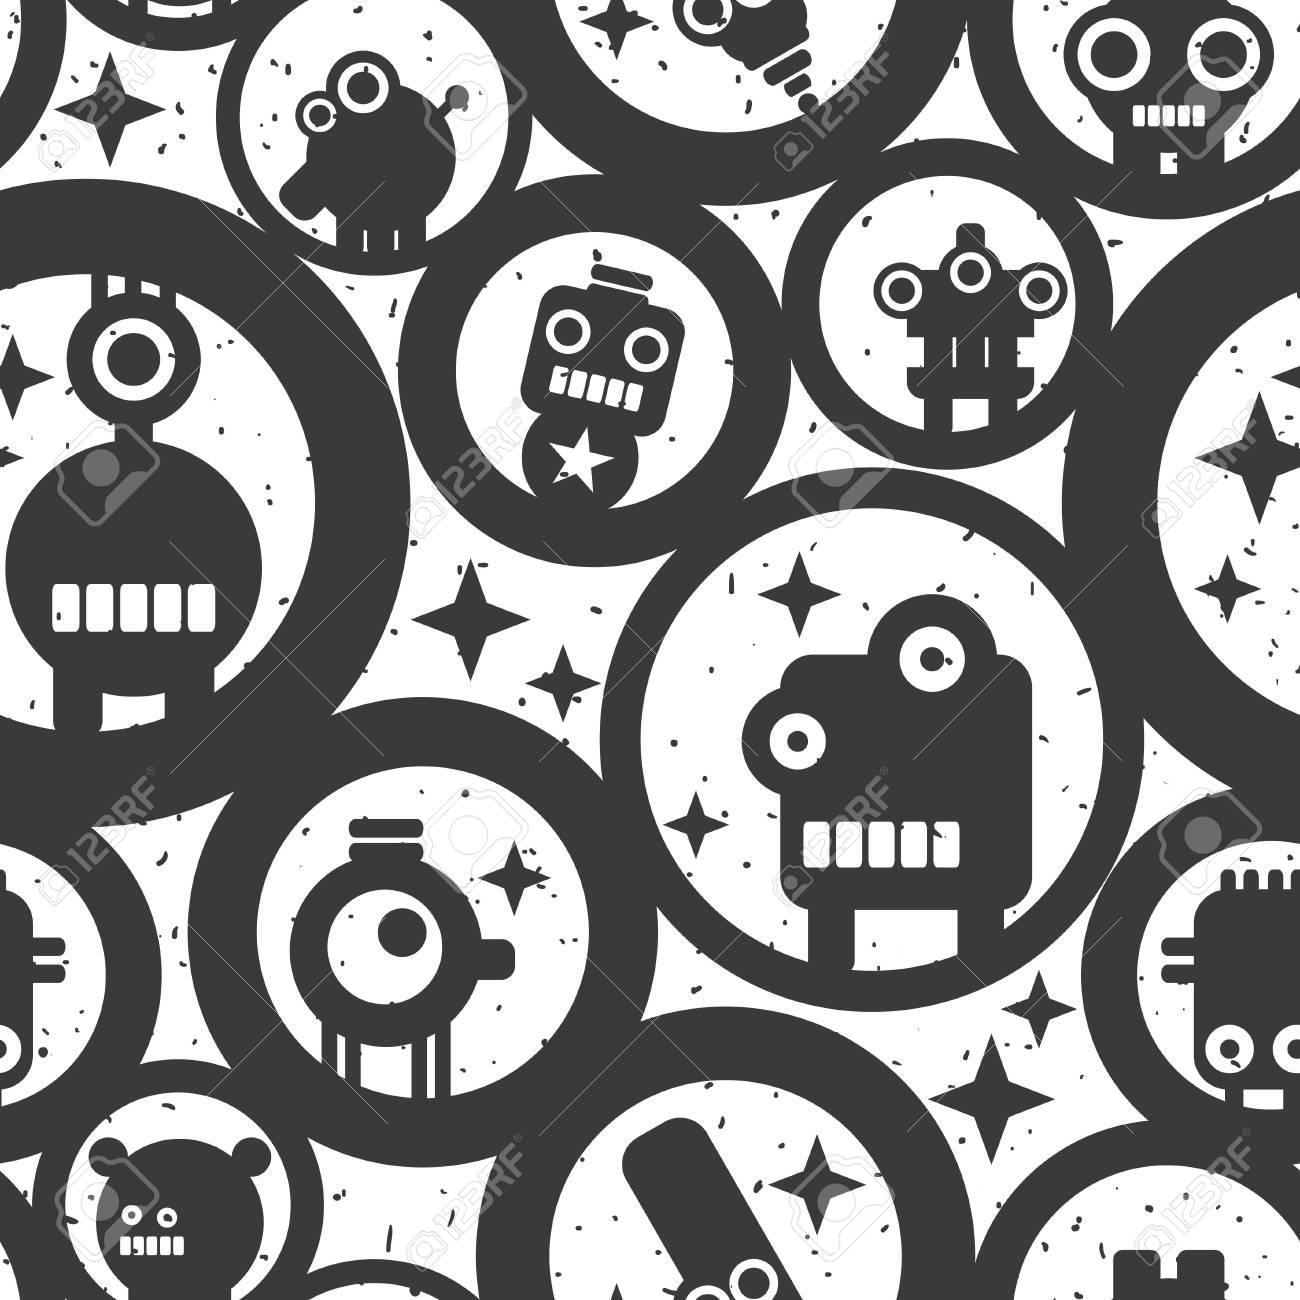 無限の壁紙かわいいモンスター ロボットと円 の写真素材 画像素材 Image 0399